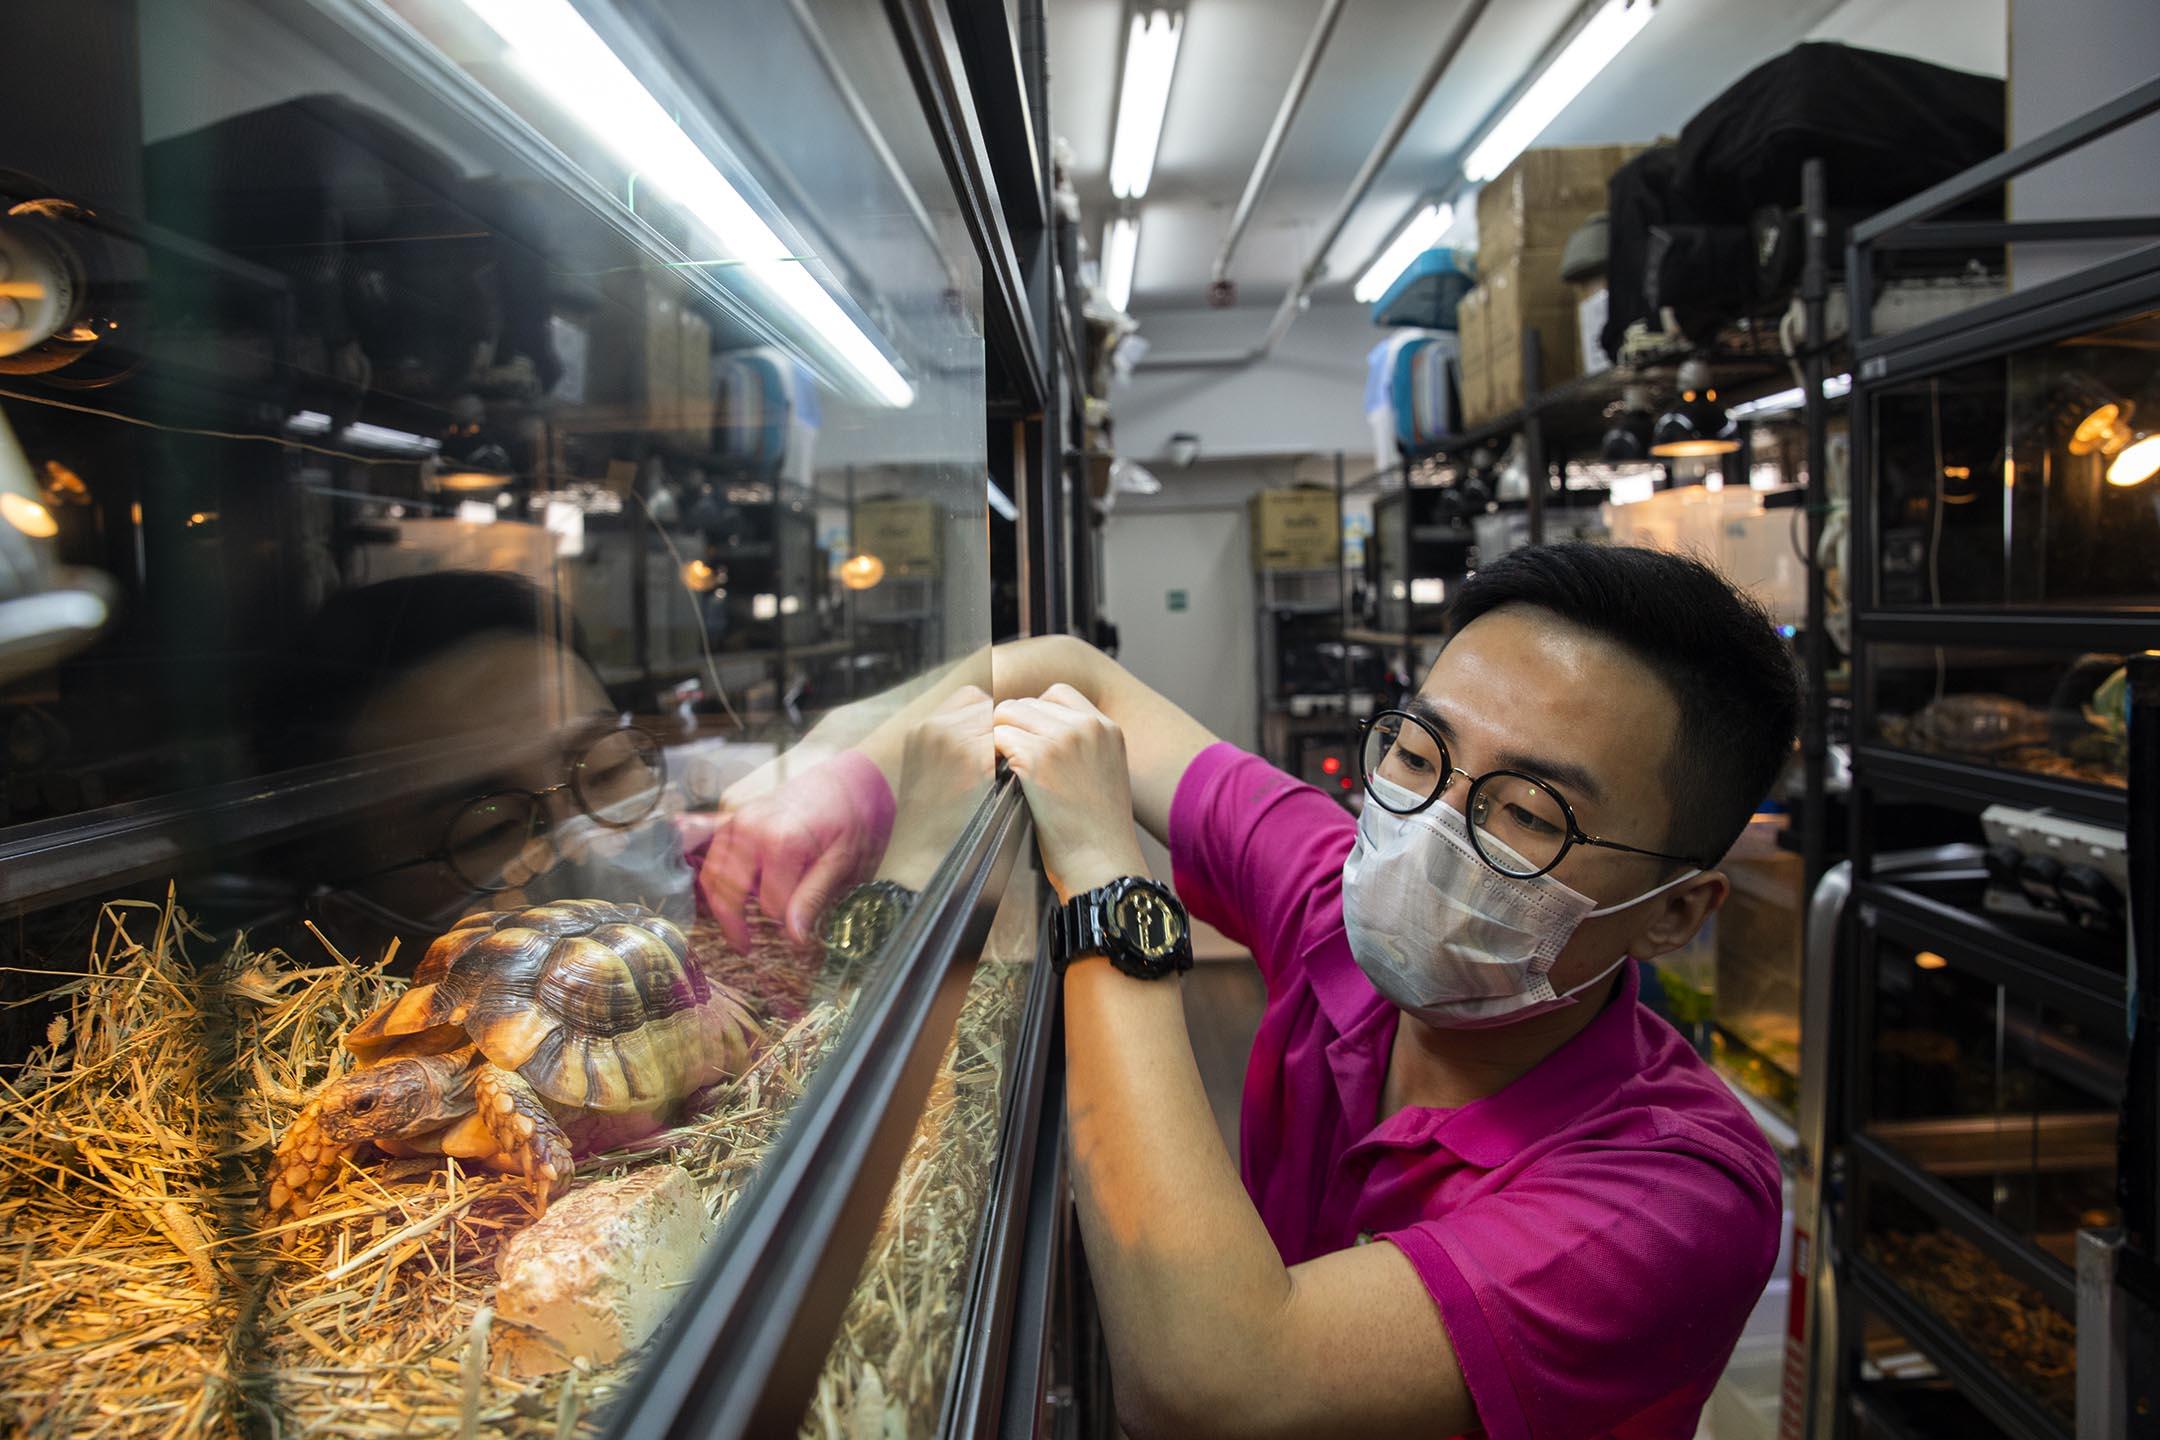 香港兩棲及爬蟲協會的義工黃朗研。